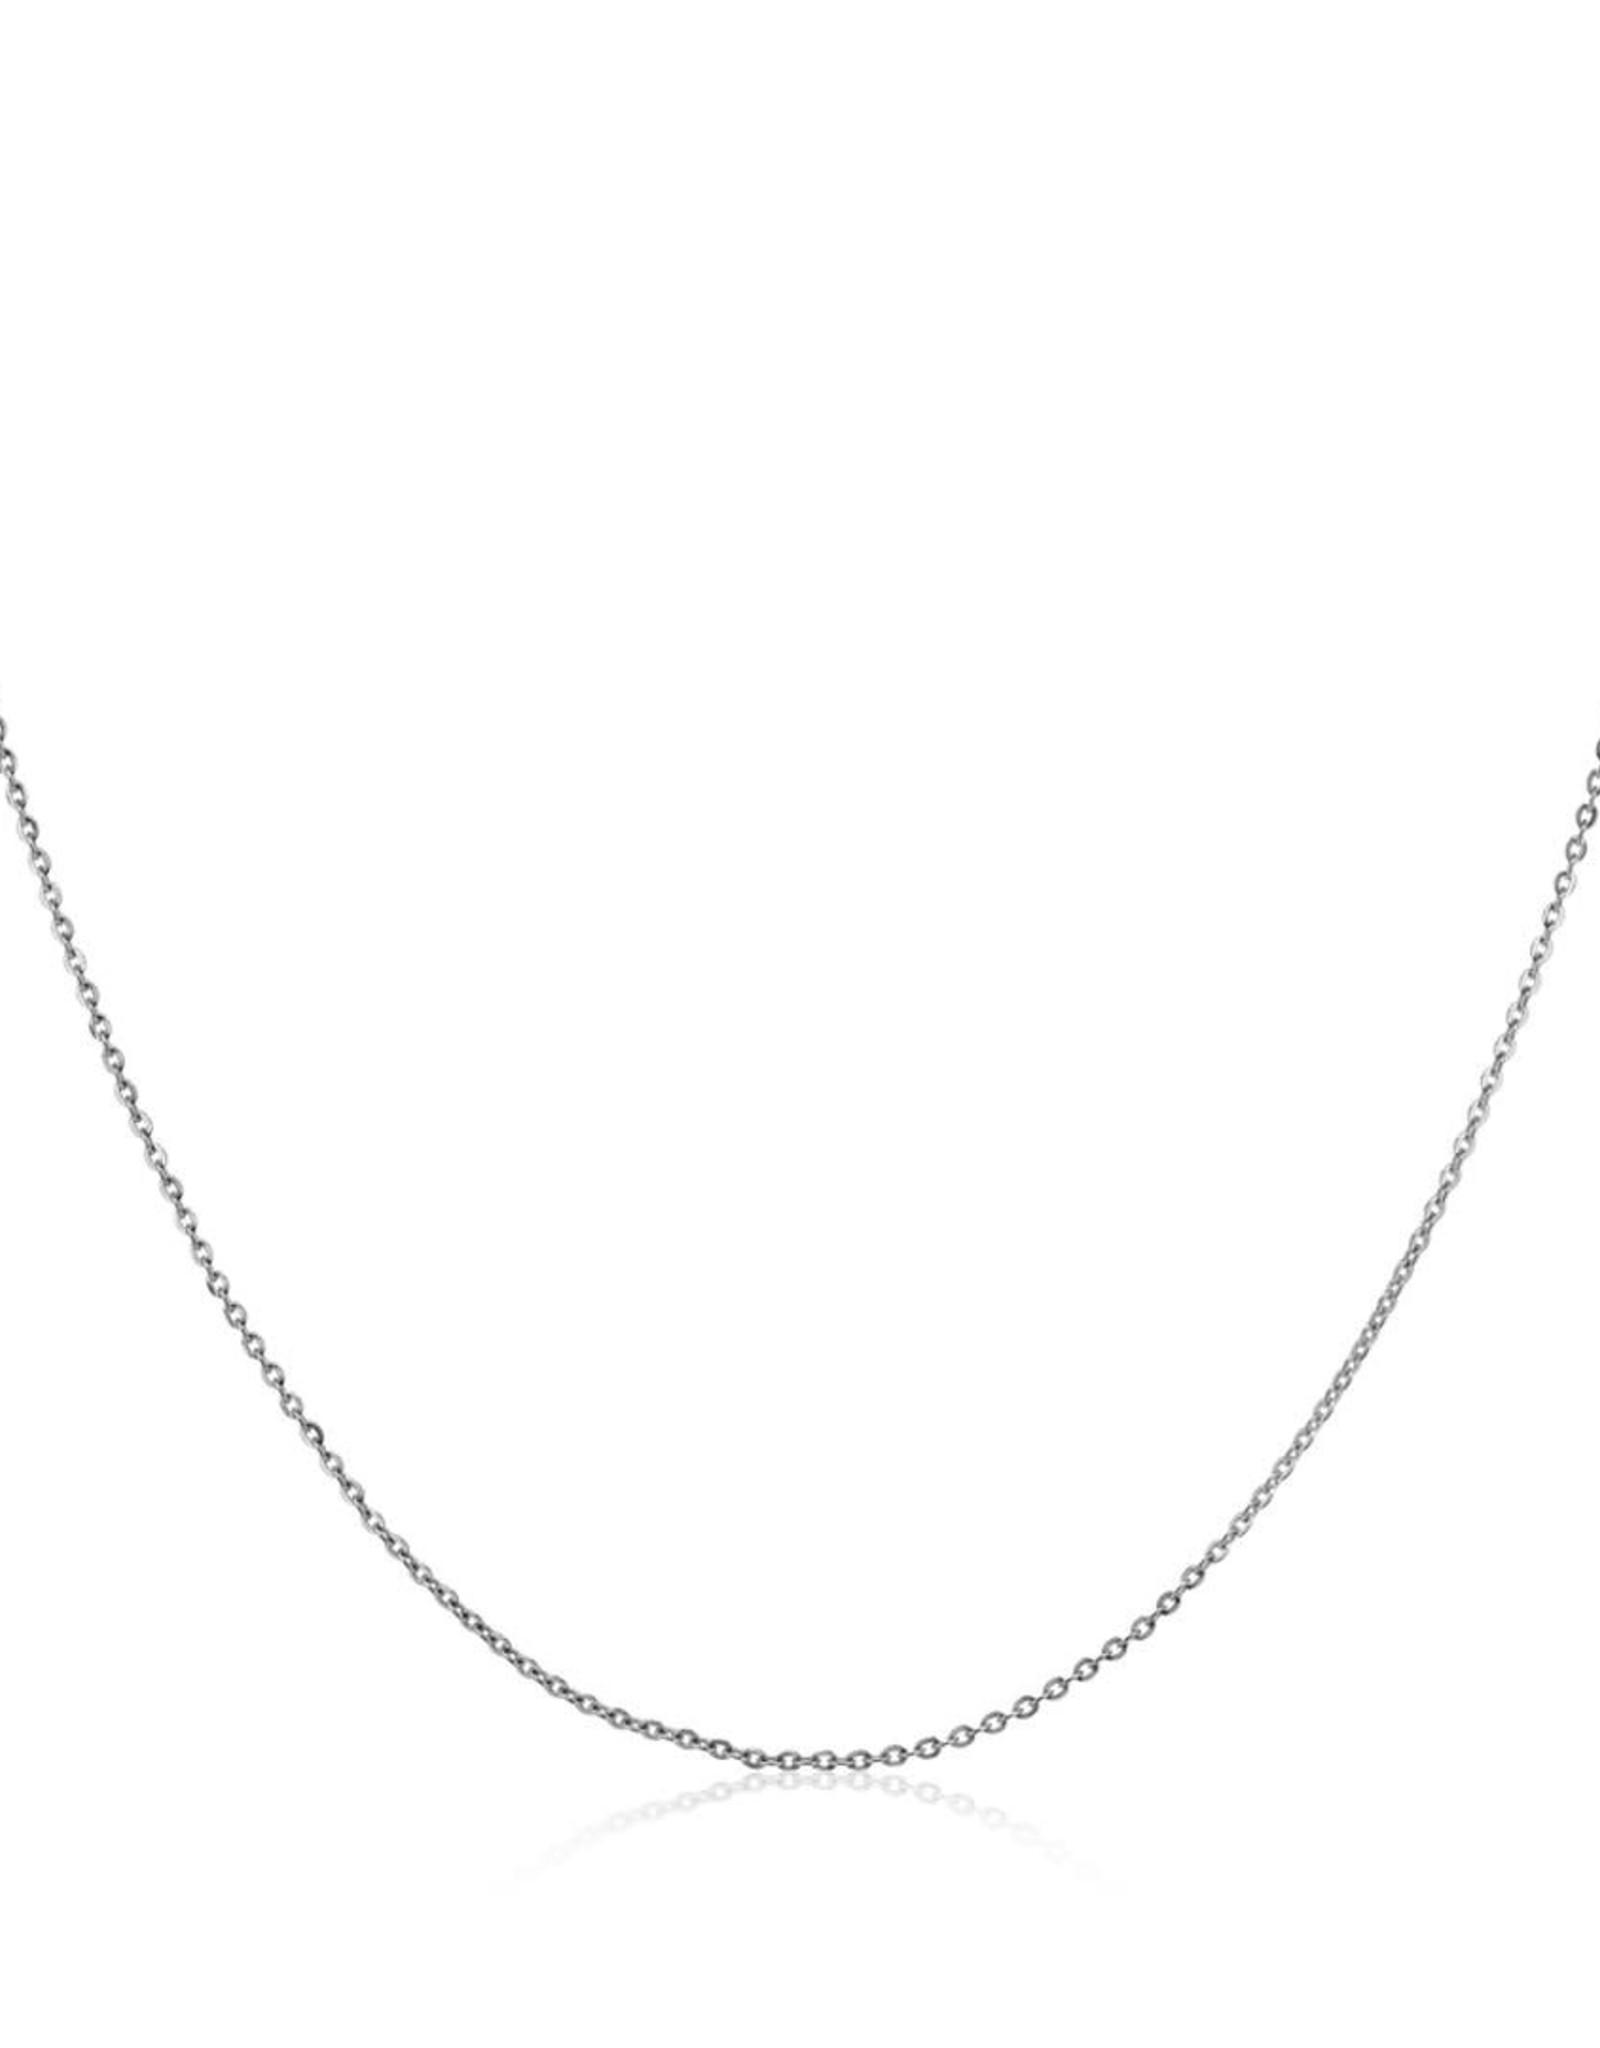 Linda Tahija Fine Chain, Silver